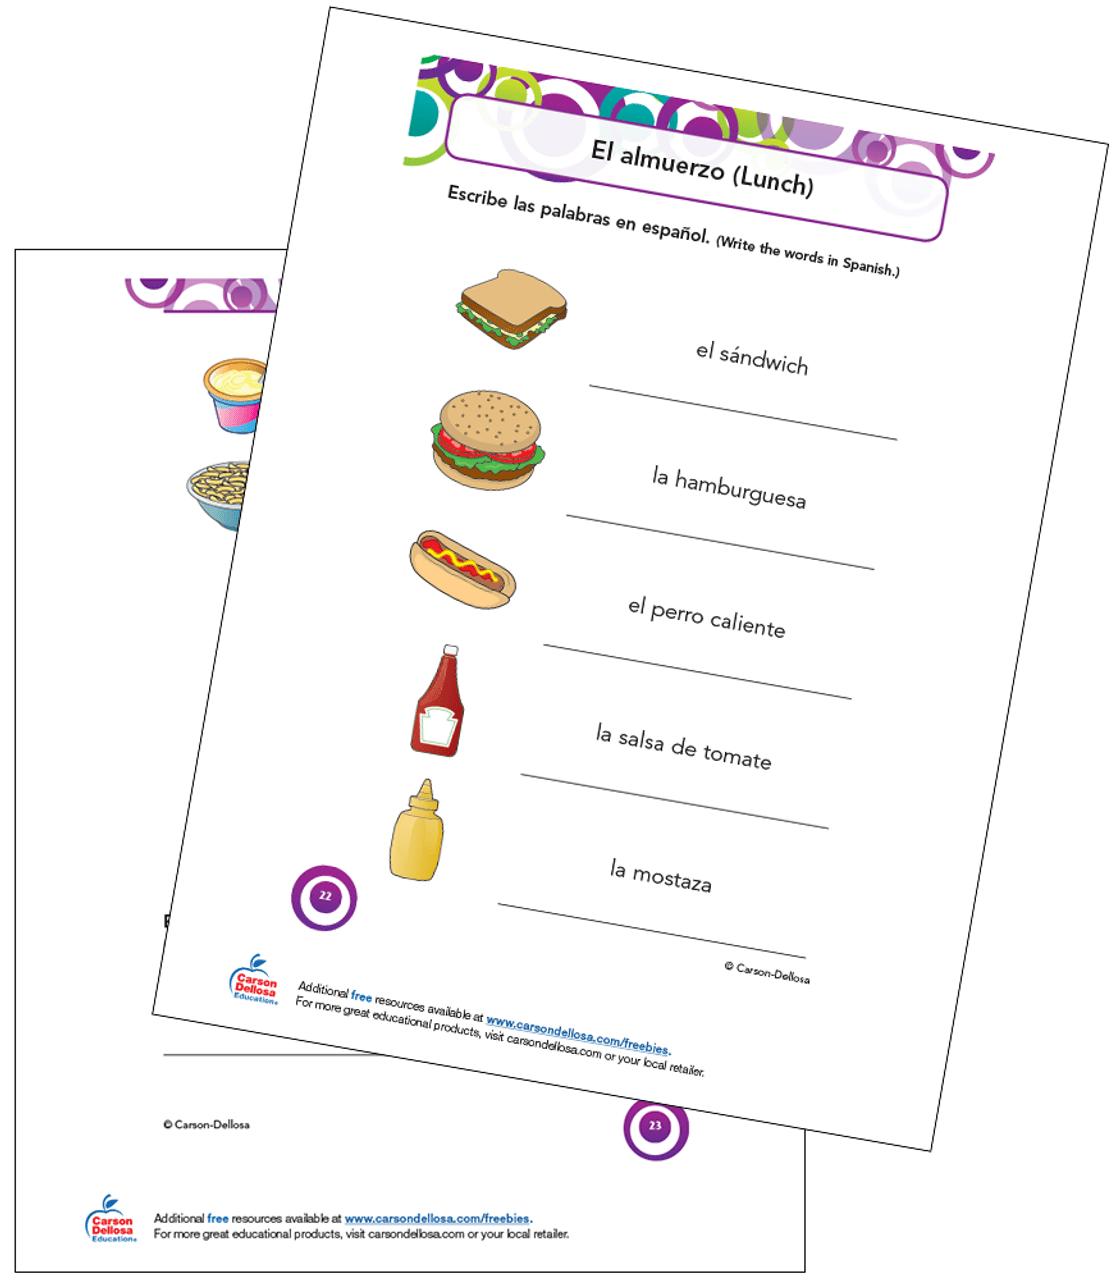 Lunch Vocabulary Grade K-5 Spanish Free Printable   Carson Dellosa [ 1280 x 1120 Pixel ]